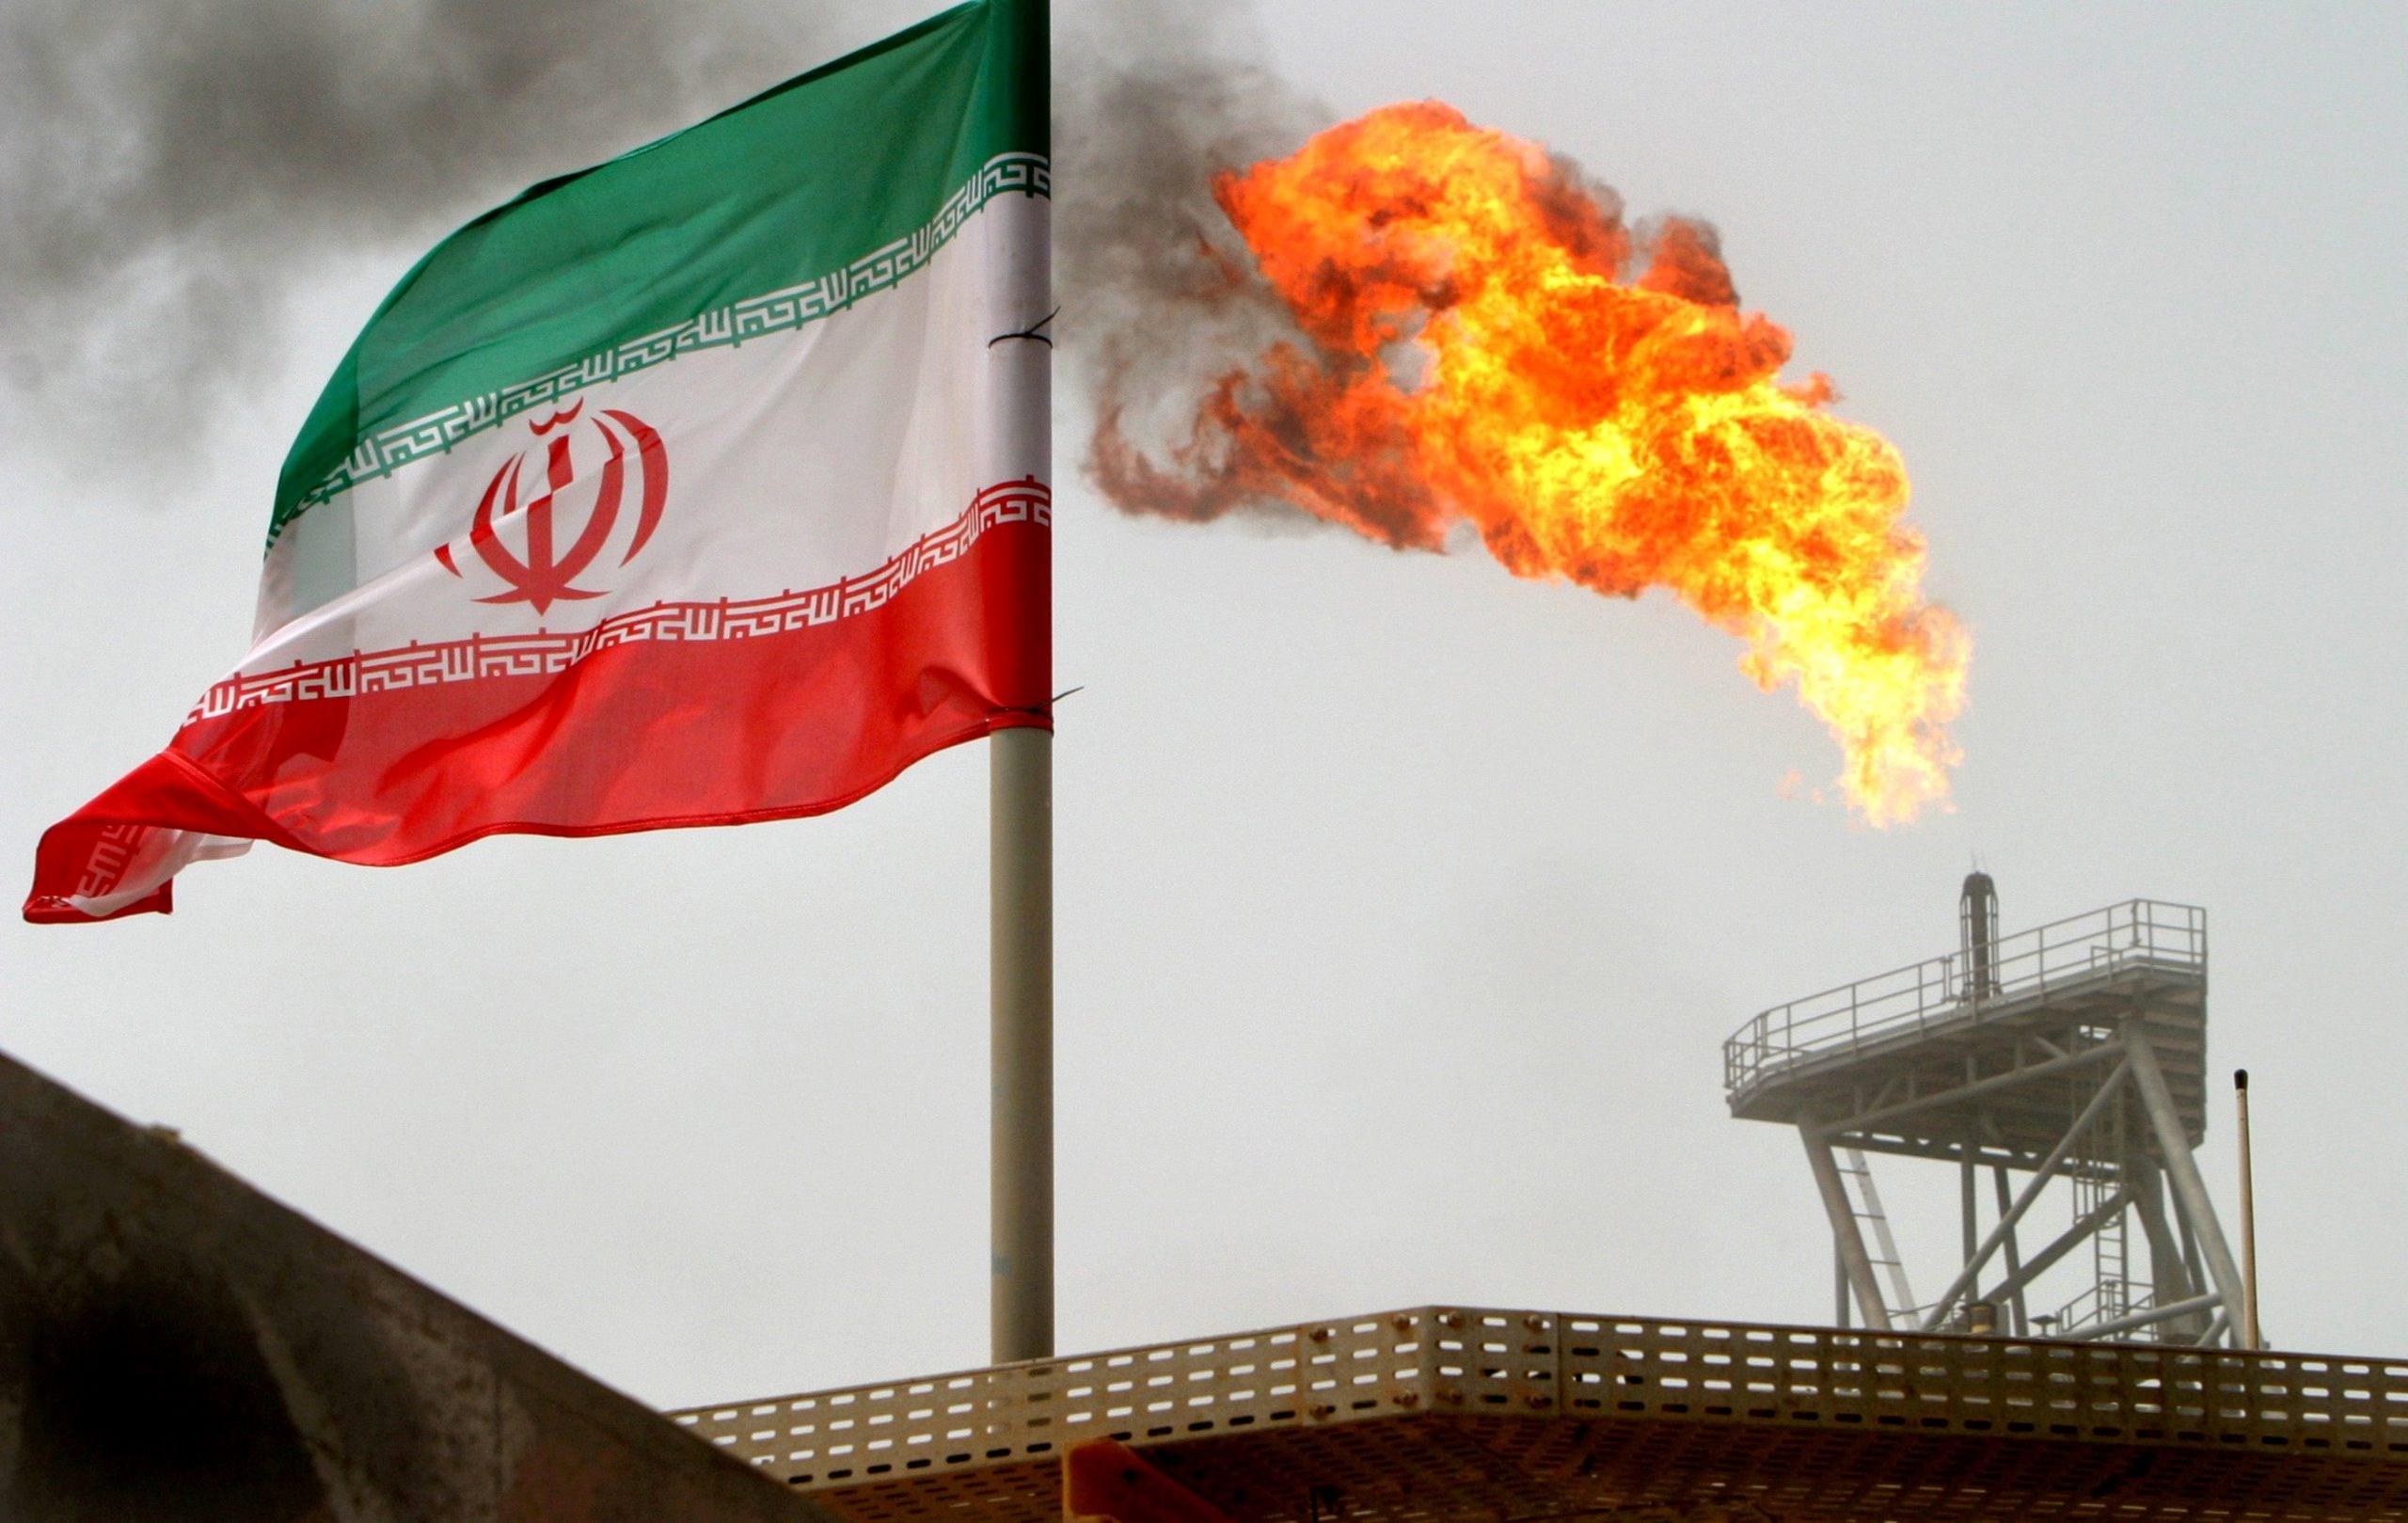 طهران ويريفان توصلتا في سنة 2004 إلى اتفاق لمقايضة الغاز الطبيعي بالكهرباء